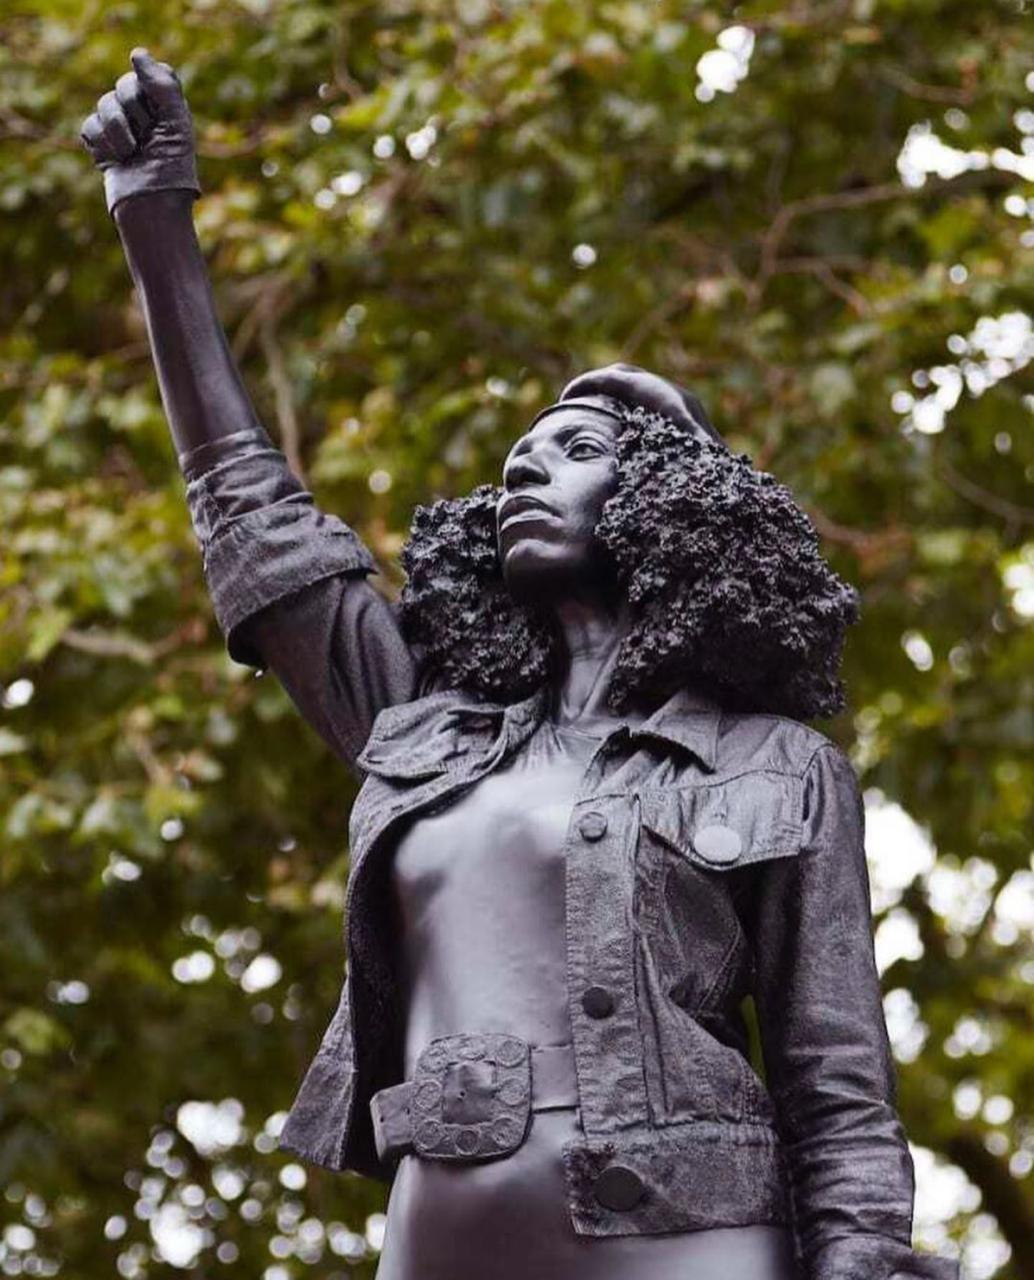 Estatua de manifestante do 'Black Lives Matter' substitui monumento de escravocrata derrubada no mês passado em Bristol (Foto: Reprodução/Instagram)